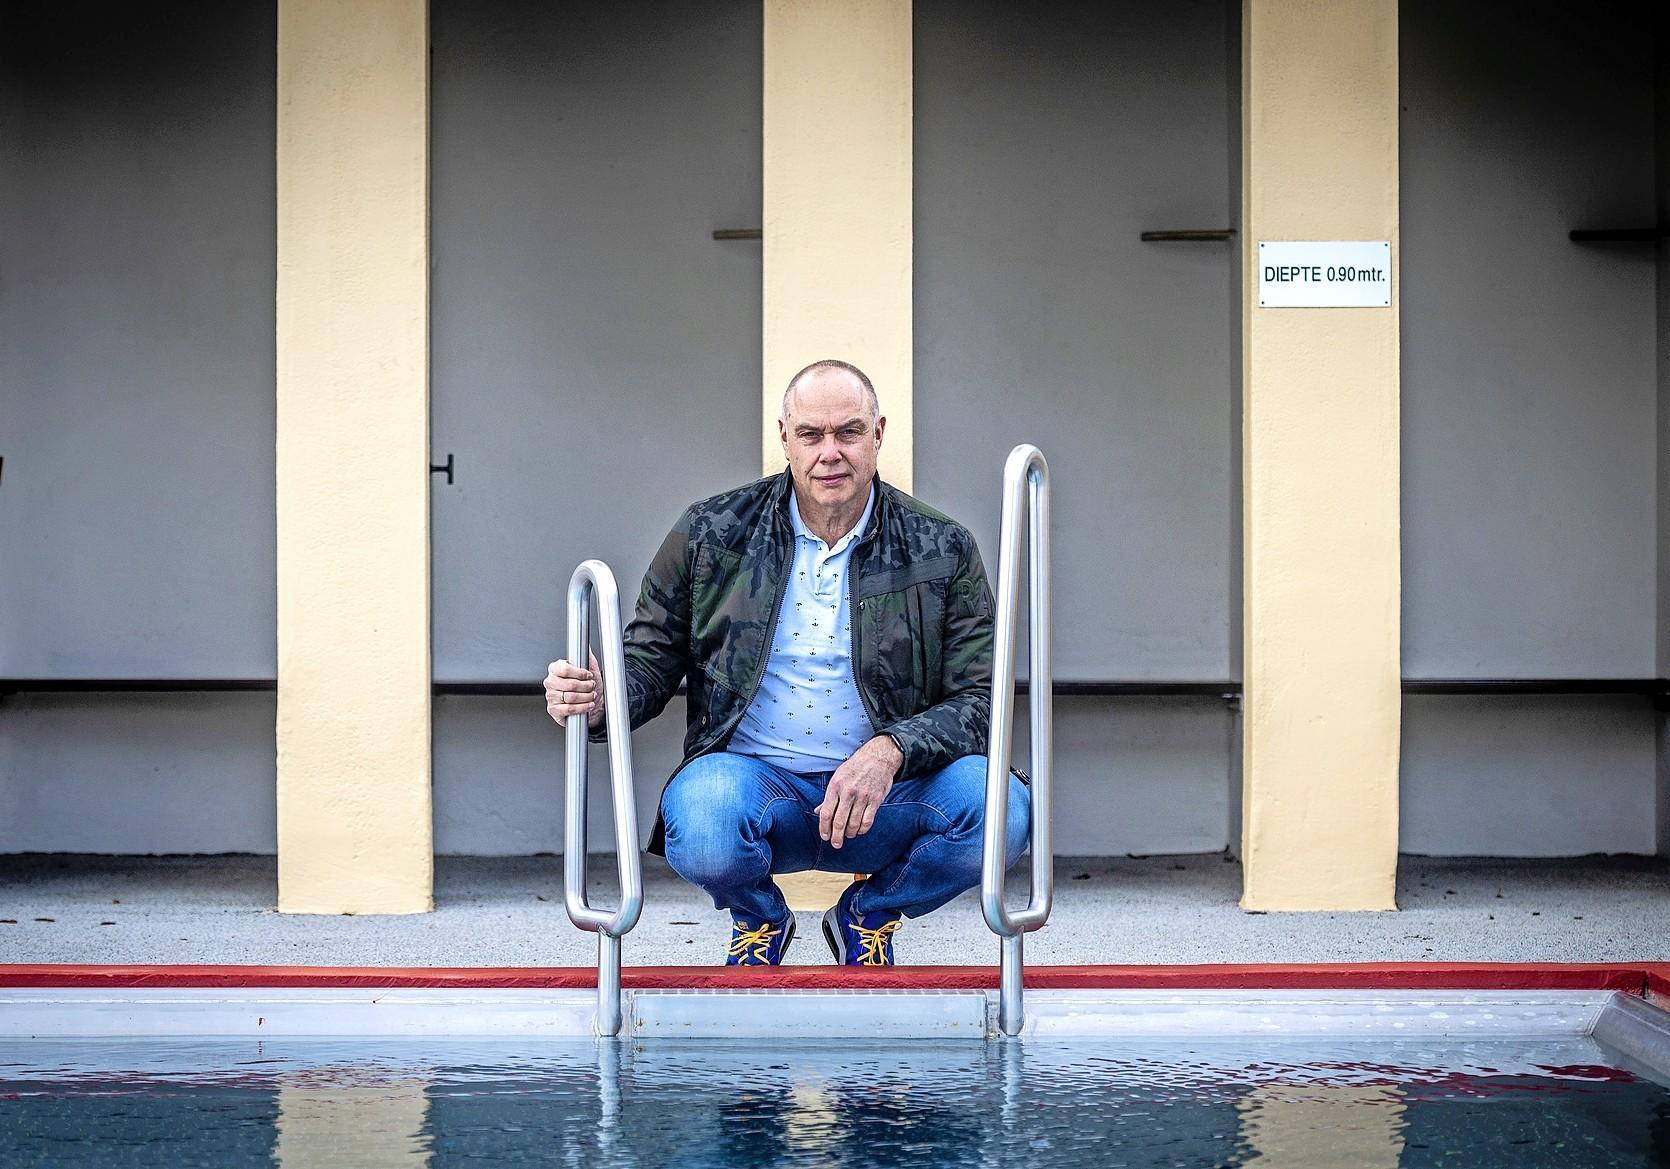 Hans Kroes verdiende geen stuiver in zijn toptijd als zwemmer: 'Aan werken kwam je niet toe, want je lag 's morgens en 's middags in het water en als je thuiskwam moest je eten en naar bed'